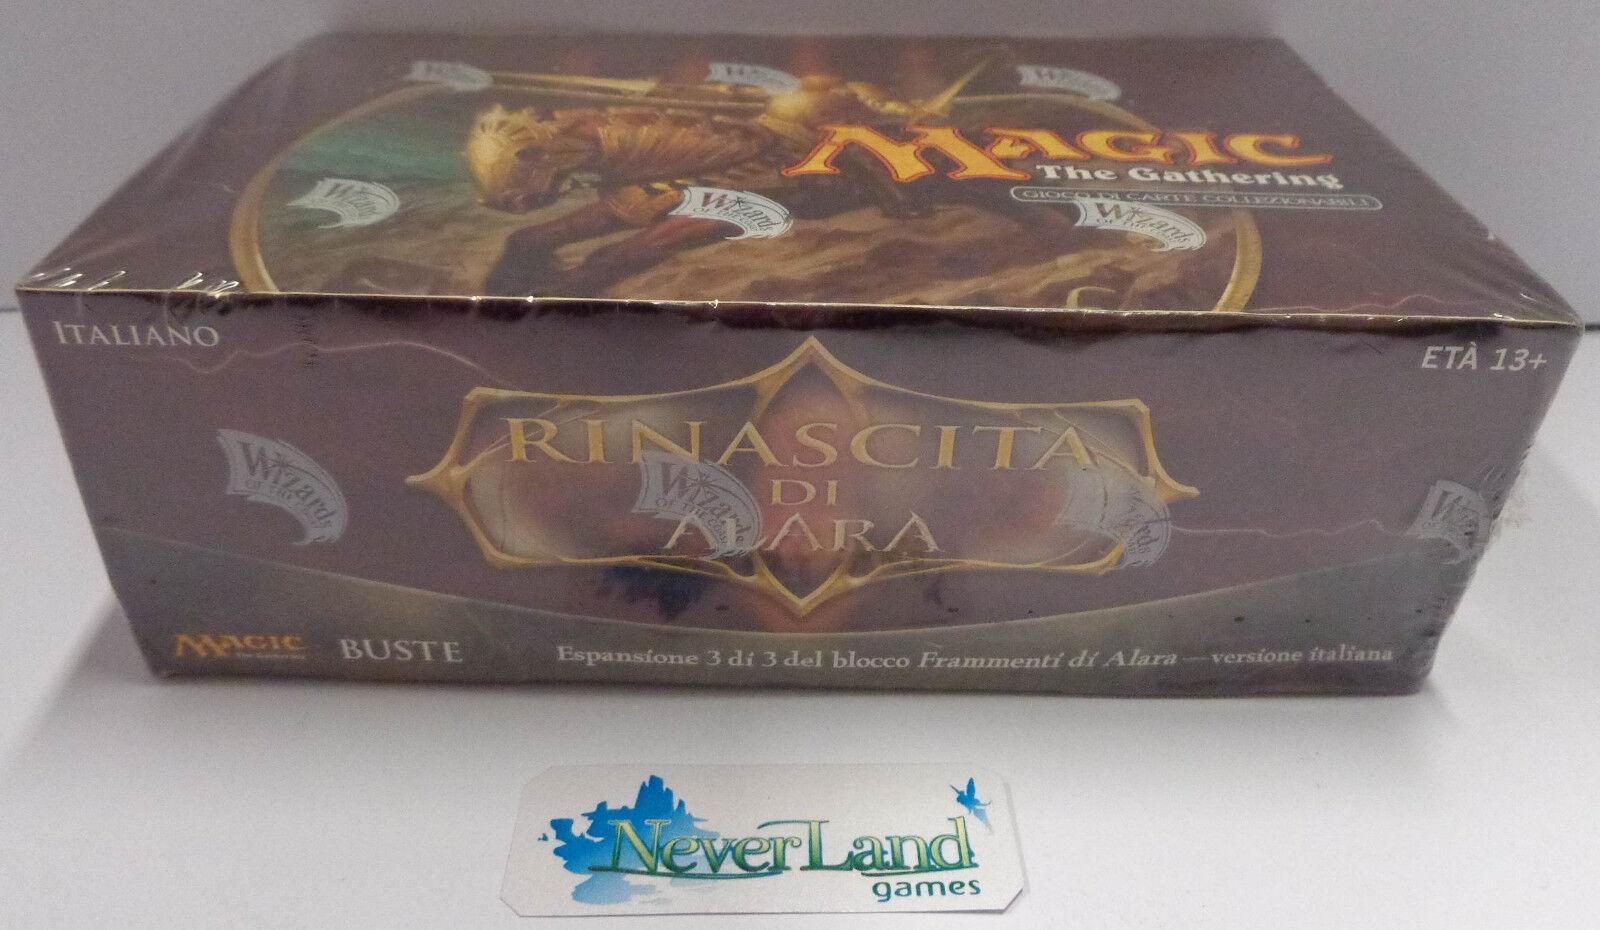 Gioco Game MTG Magic Box Nuovo New Sealed ITALIANO ITALIANO ITALIANO Reborn - RINASCITA DI ALARA - 7372b3